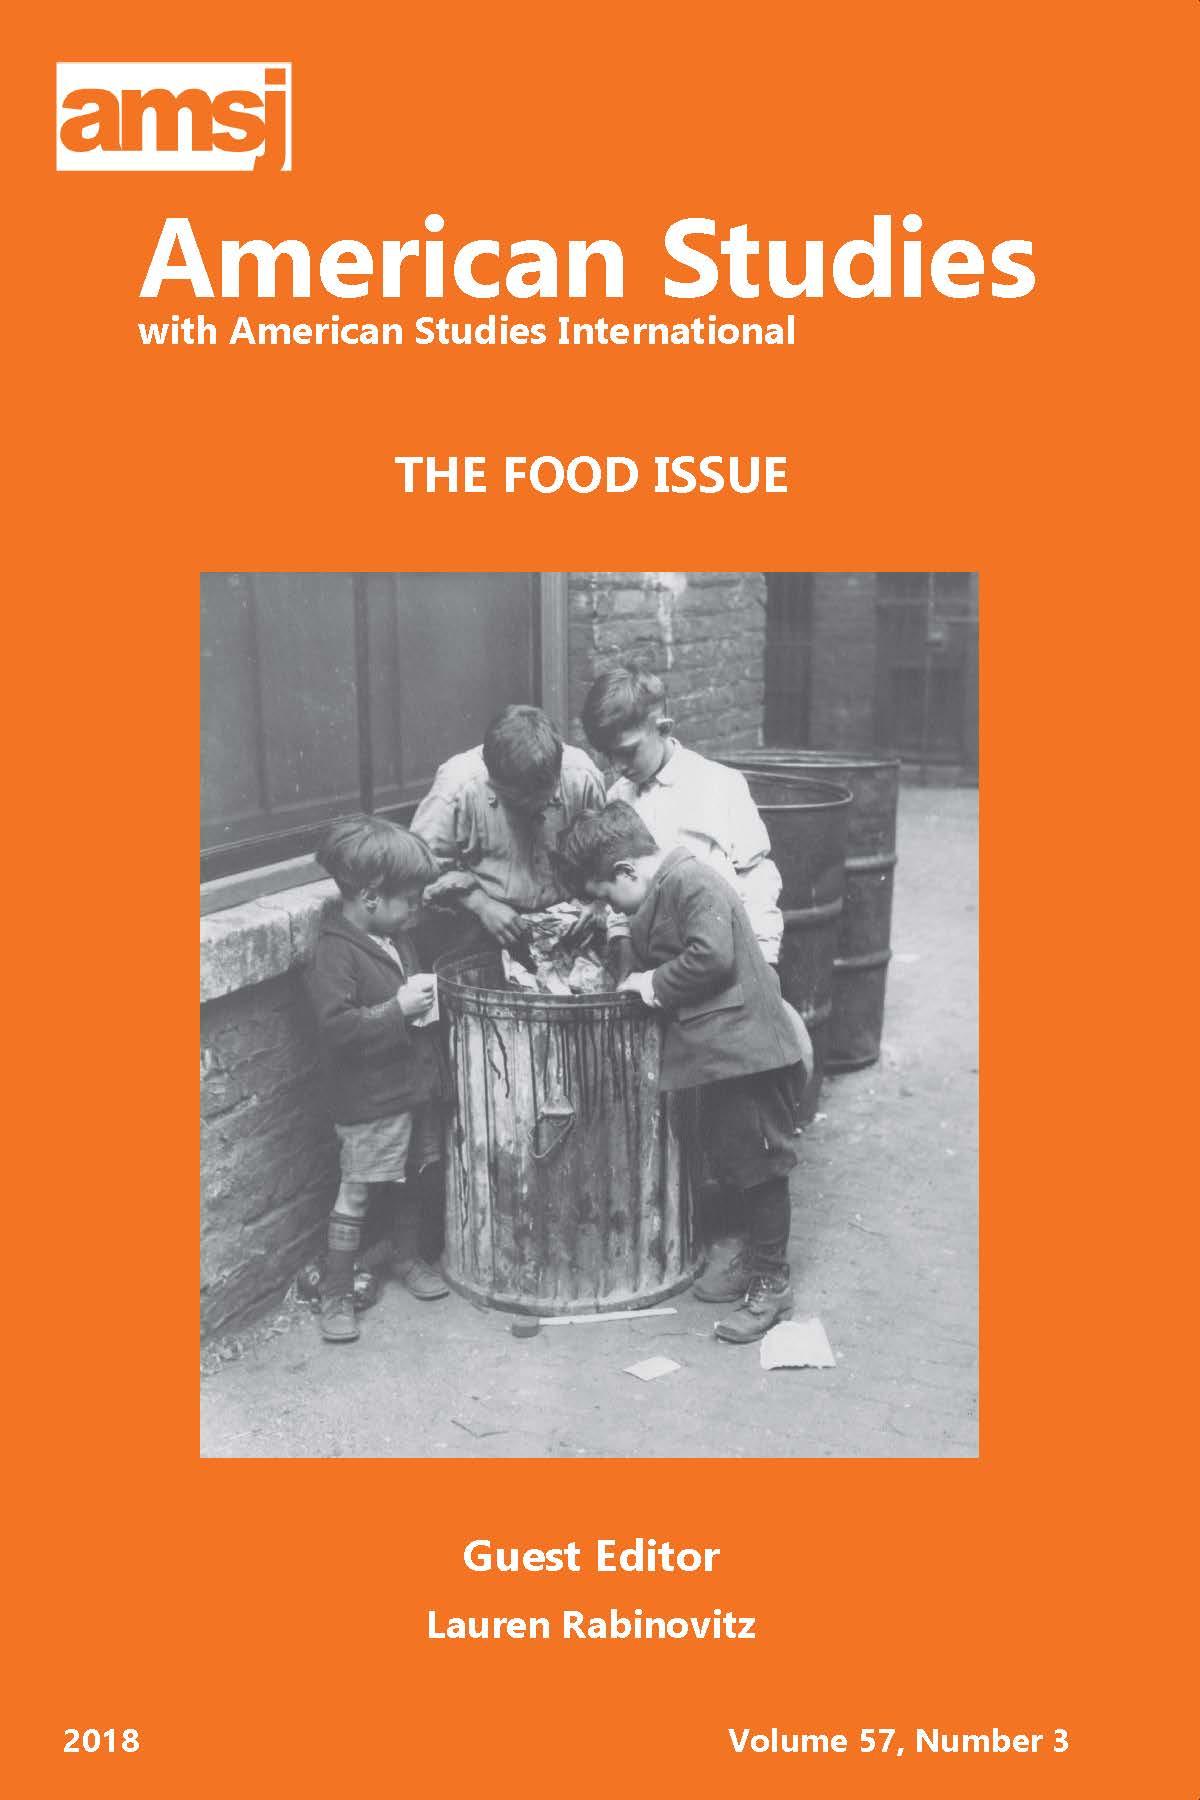 American Studies cover